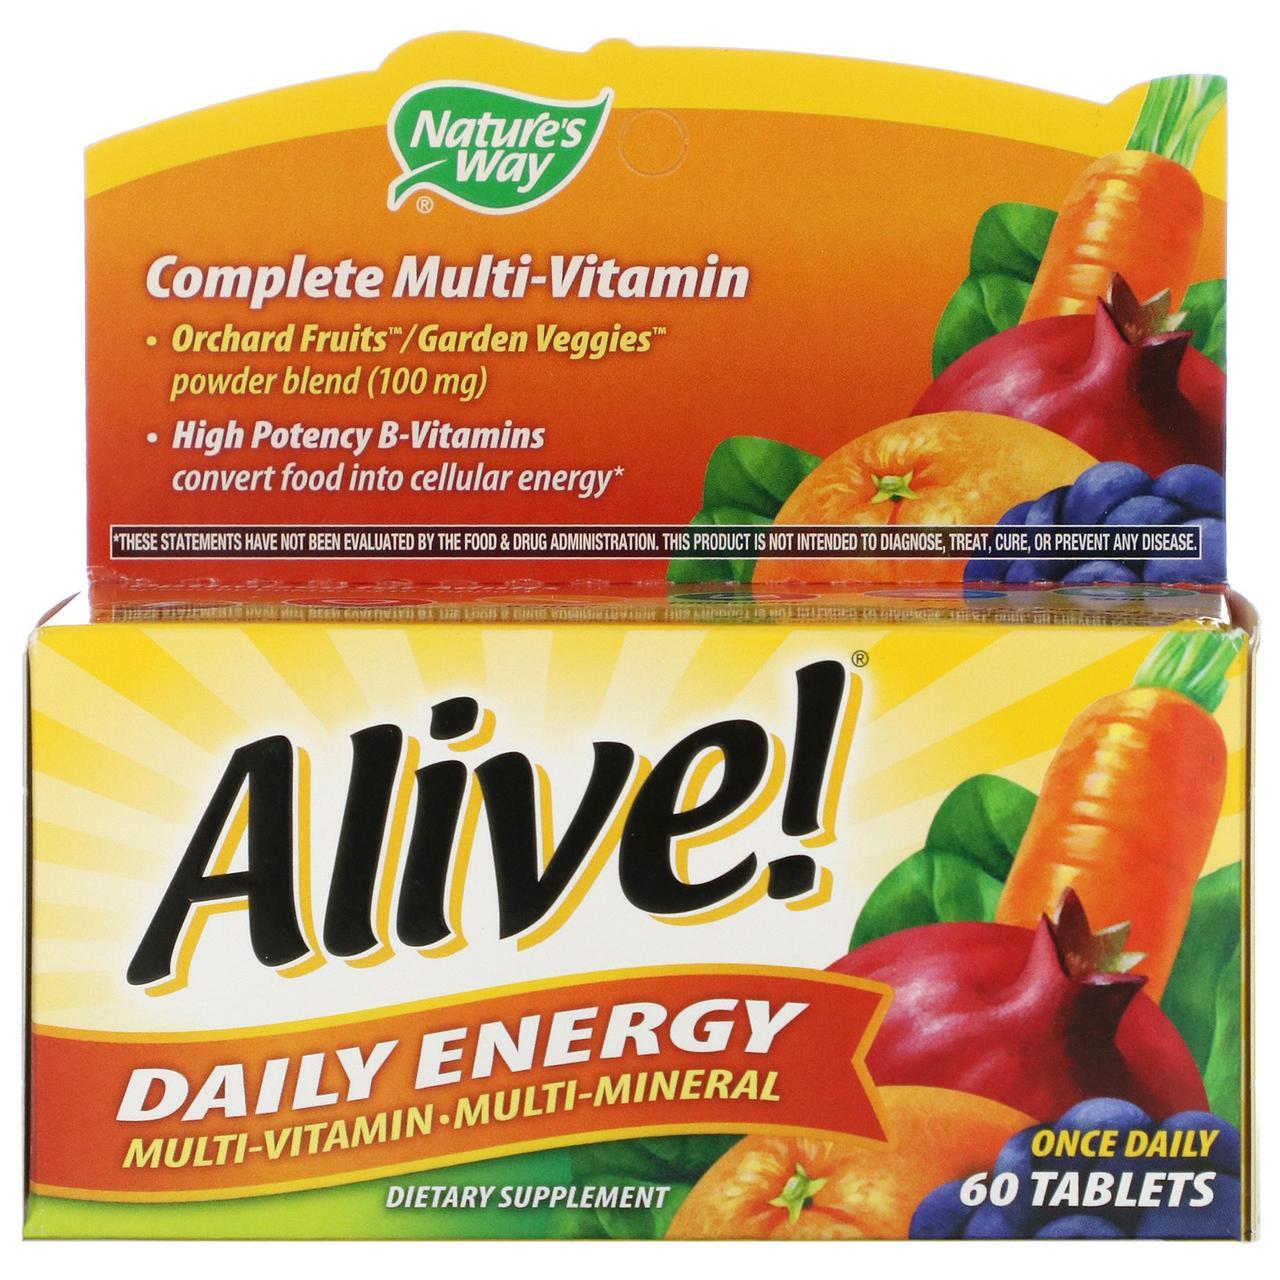 Мультивитамины-мультиминералы Nature's Way, Alive!, Энергия на каждый день, 60 таблеток